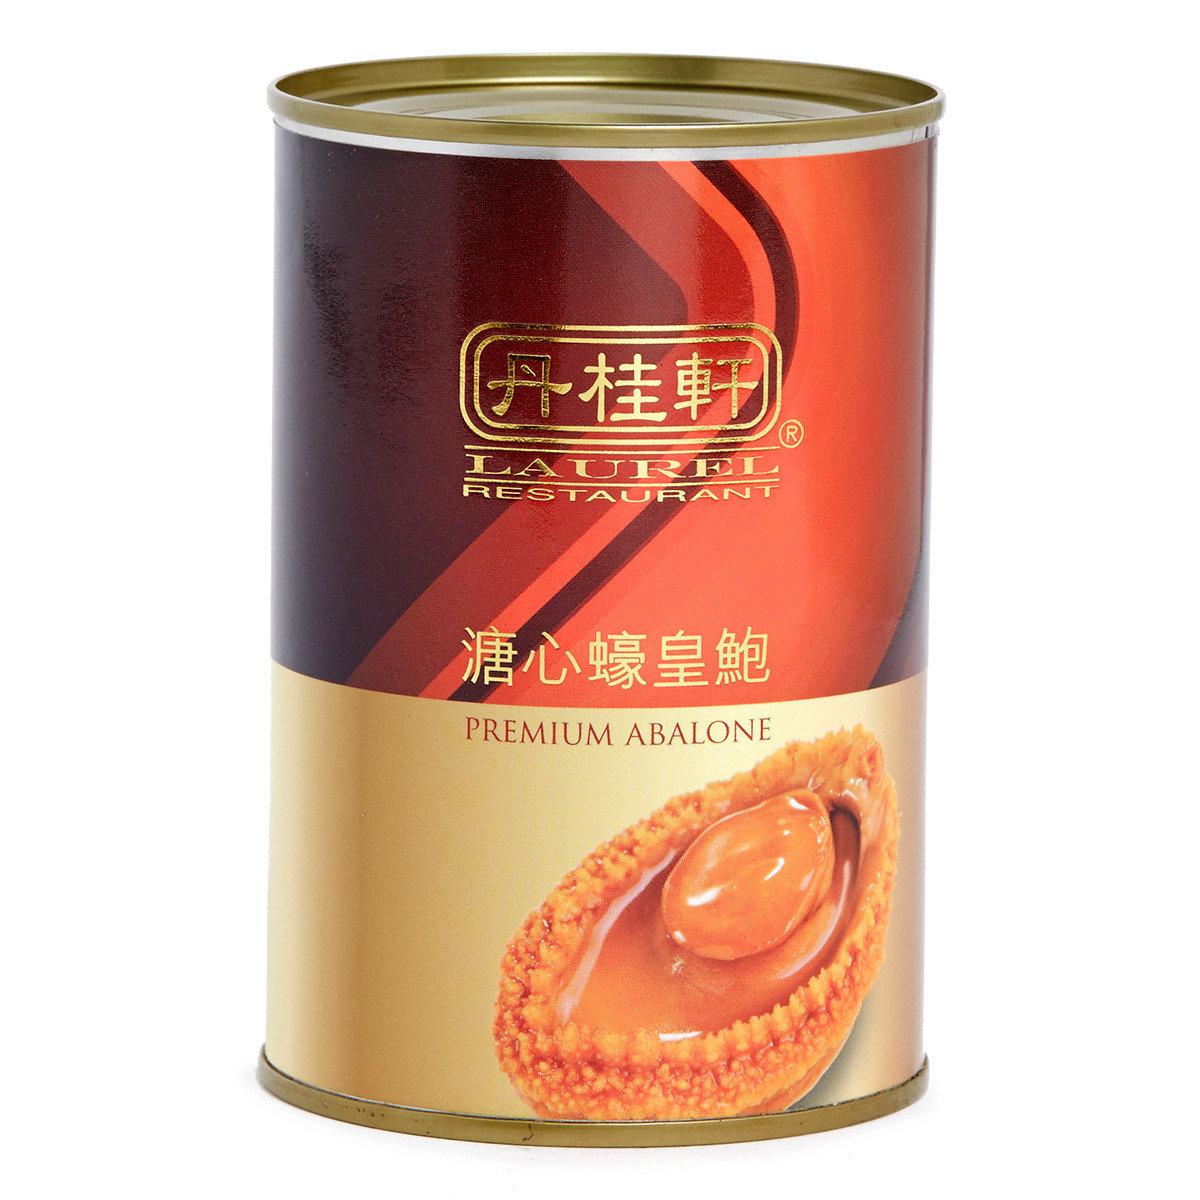 溏心蠔皇鮑魚罐裝-8隻